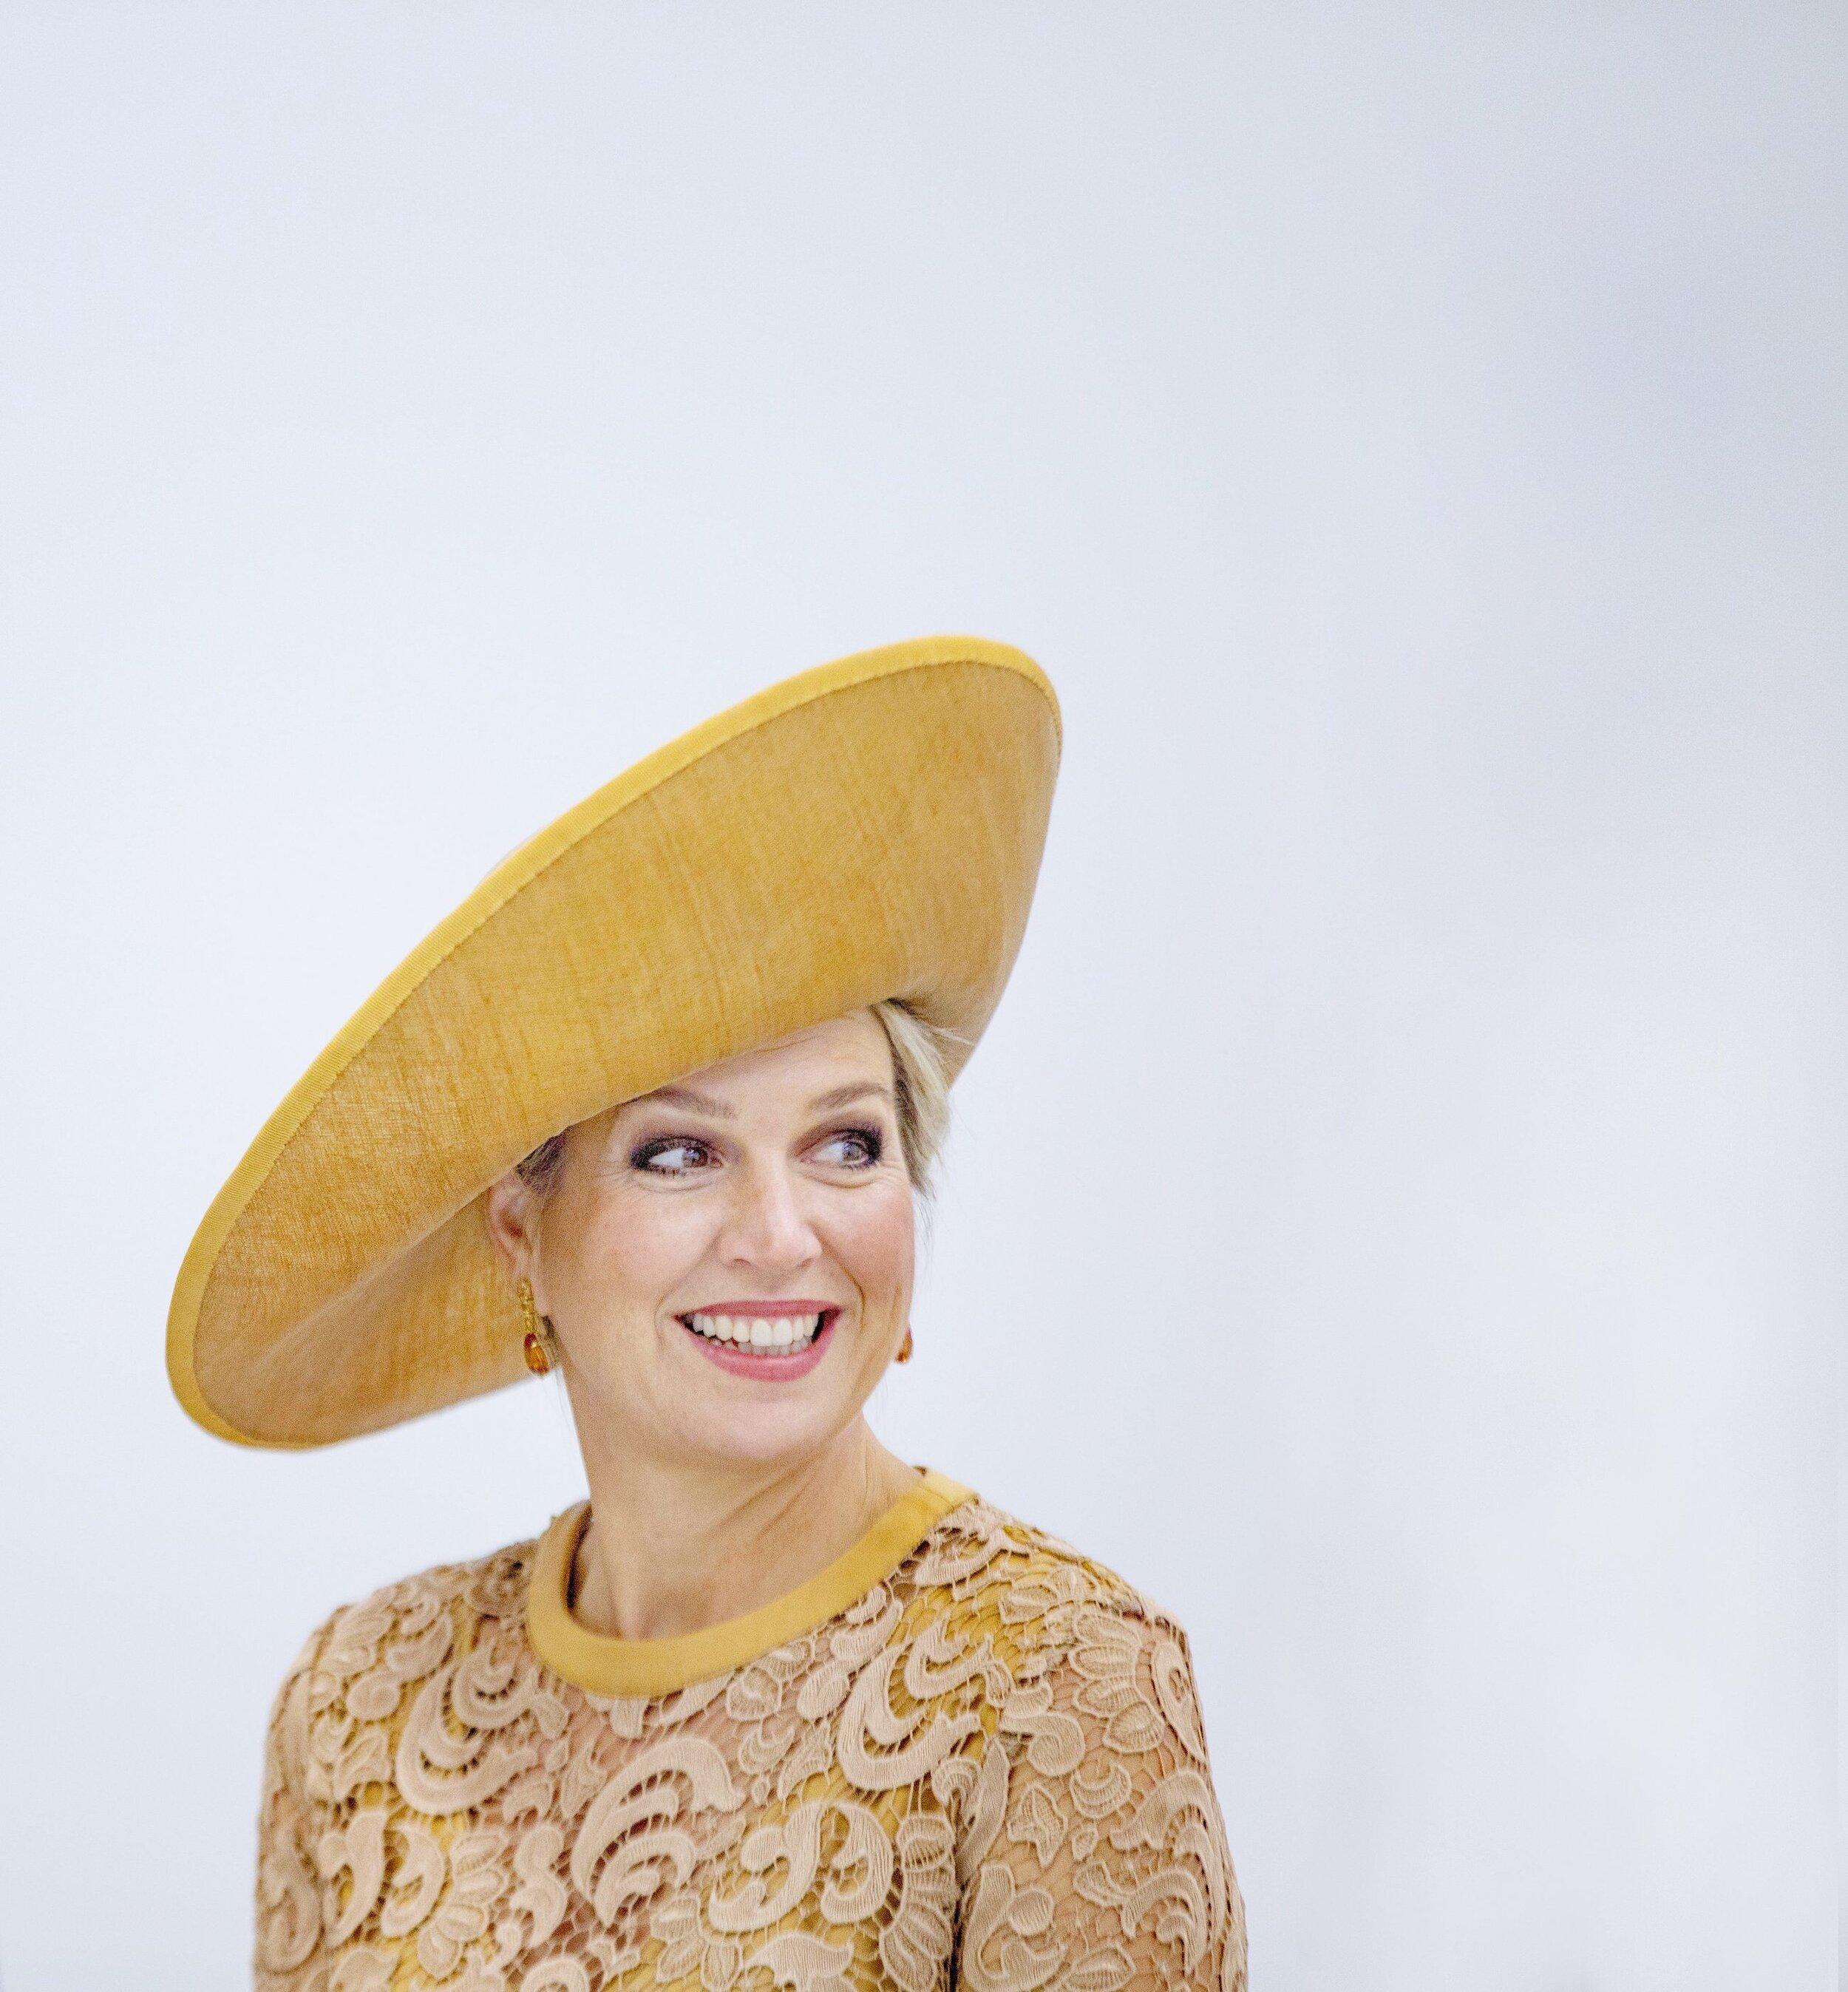 Königin Maxima trägt ihre schrägen Hüte immer auf der rechten Seite – aus unserer Perspektive links.  © picture alliance/RoyalPress Europe